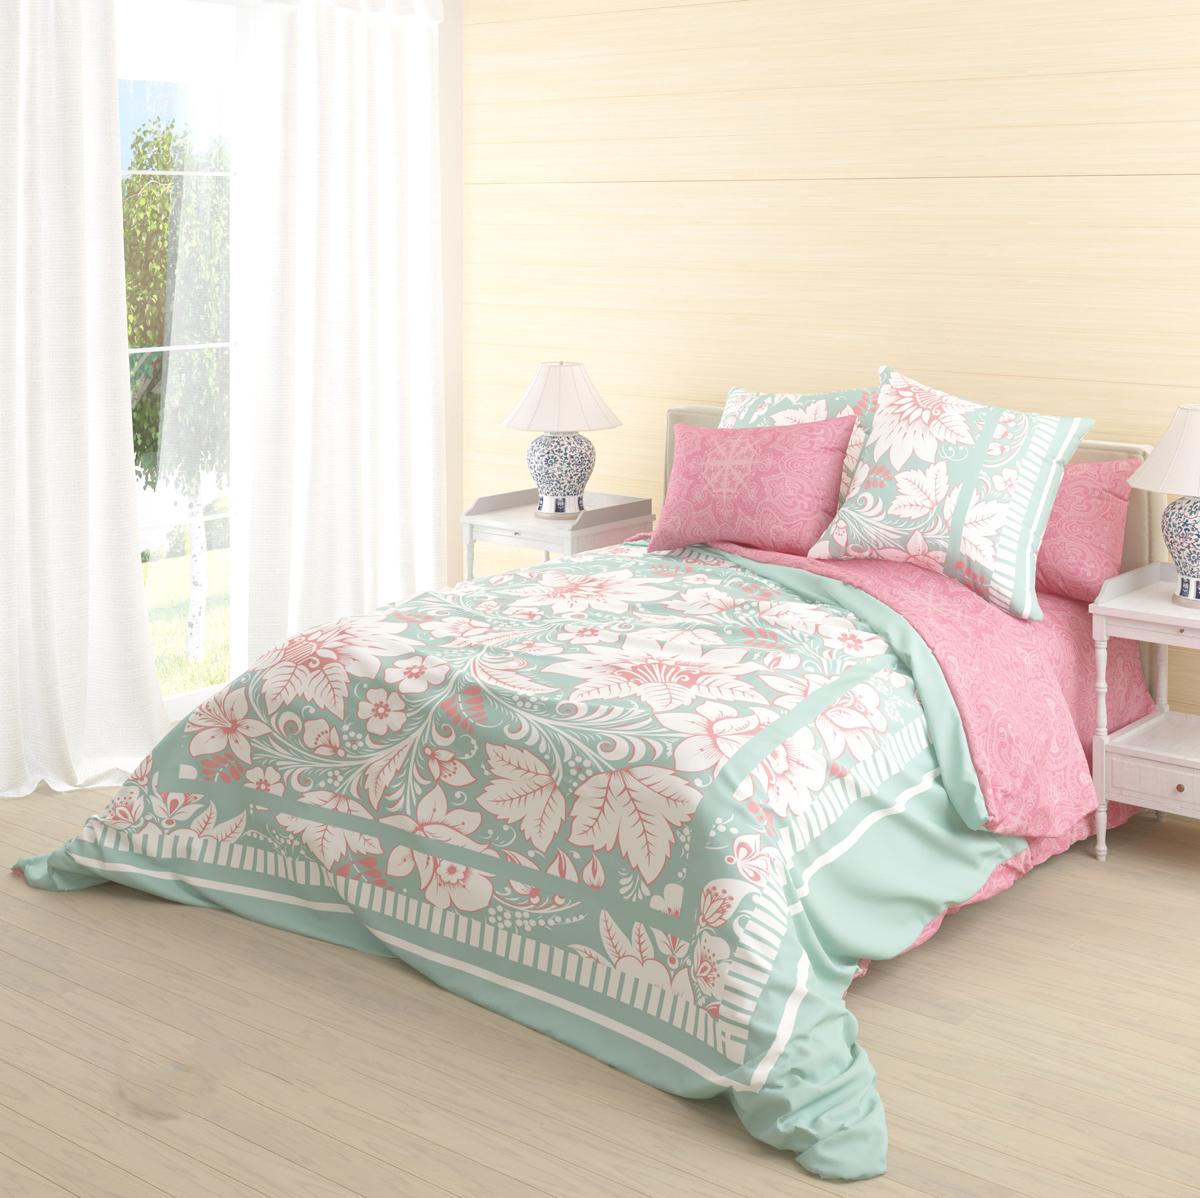 Комплект белья Волшебная ночь Biruza, 2-спальный, наволочки 50х70 см комплект белья волшебная ночь frame 2 спальный наволочки 50х70 цвет зеленый белый